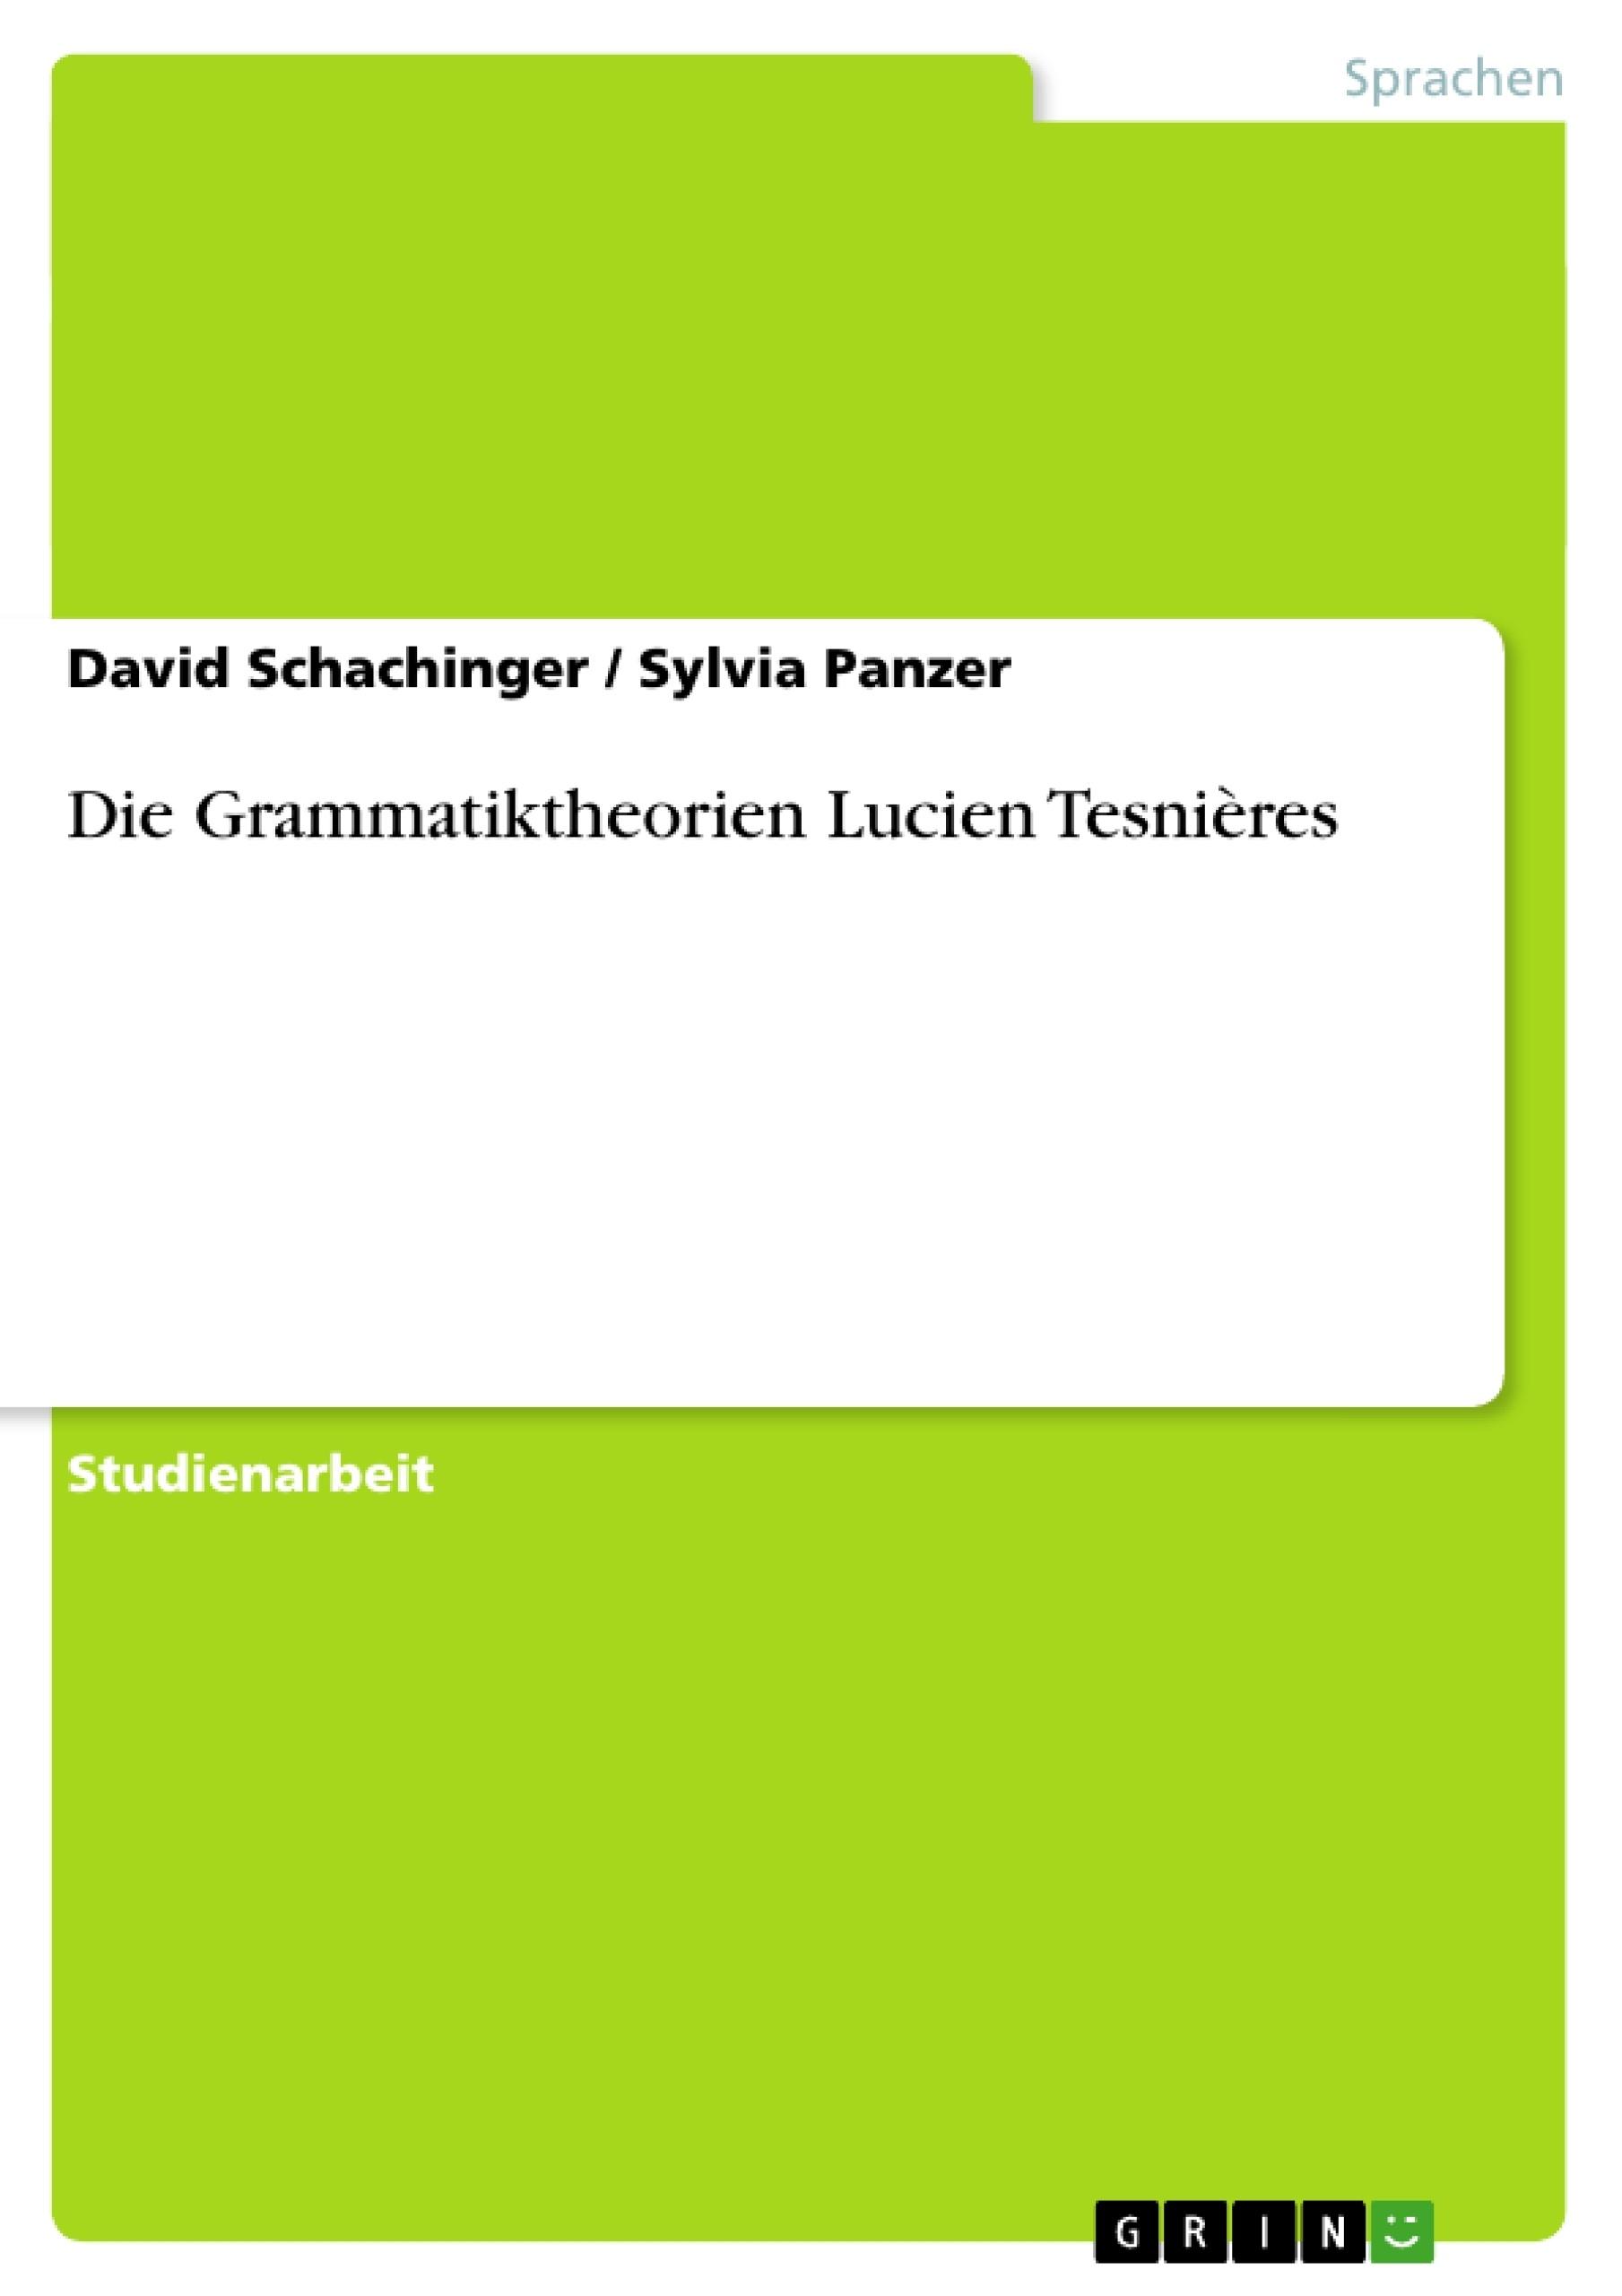 Titel: Die Grammatiktheorien Lucien Tesnières